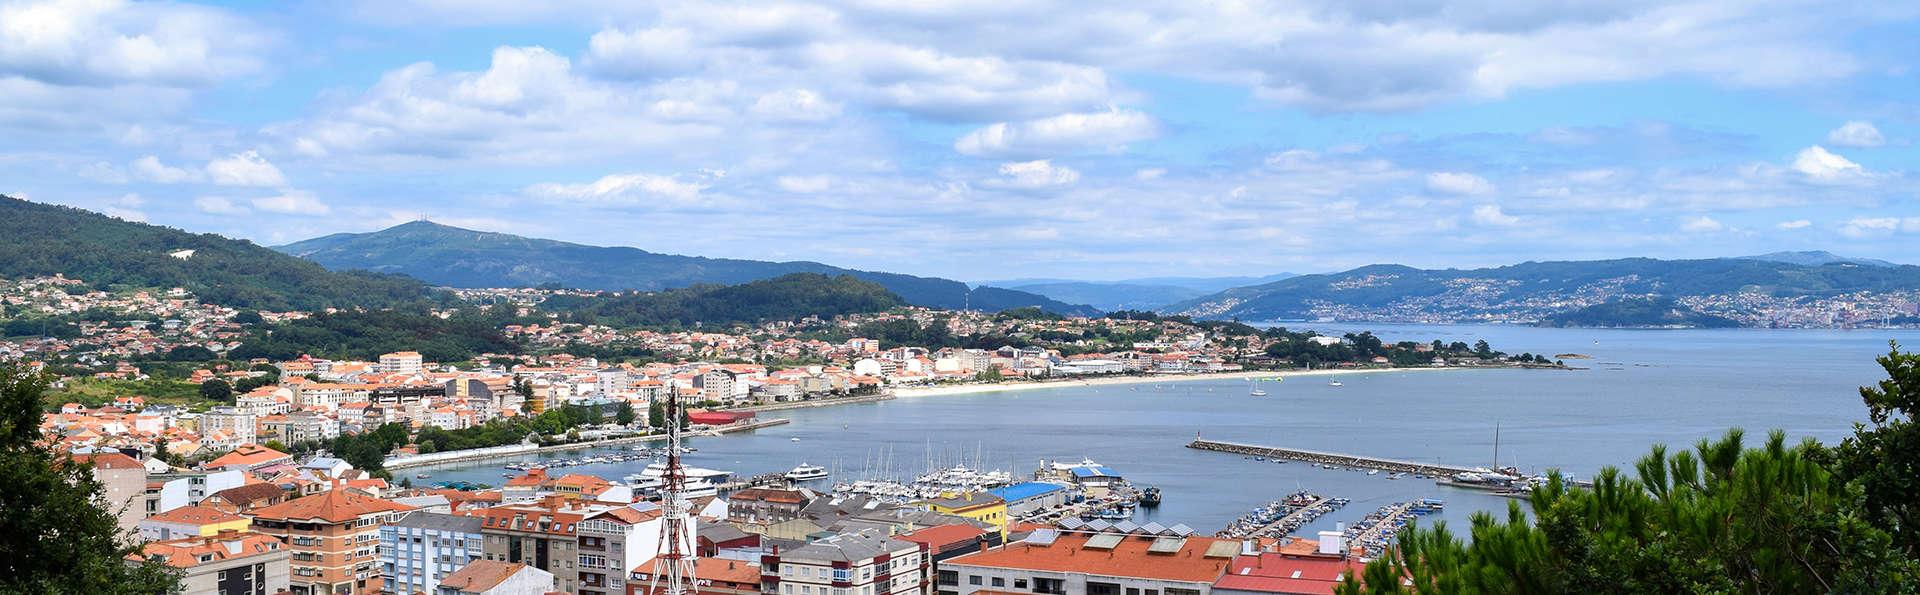 Sercotel Hotel Bahía de Vigo - EDIT_destination.jpg